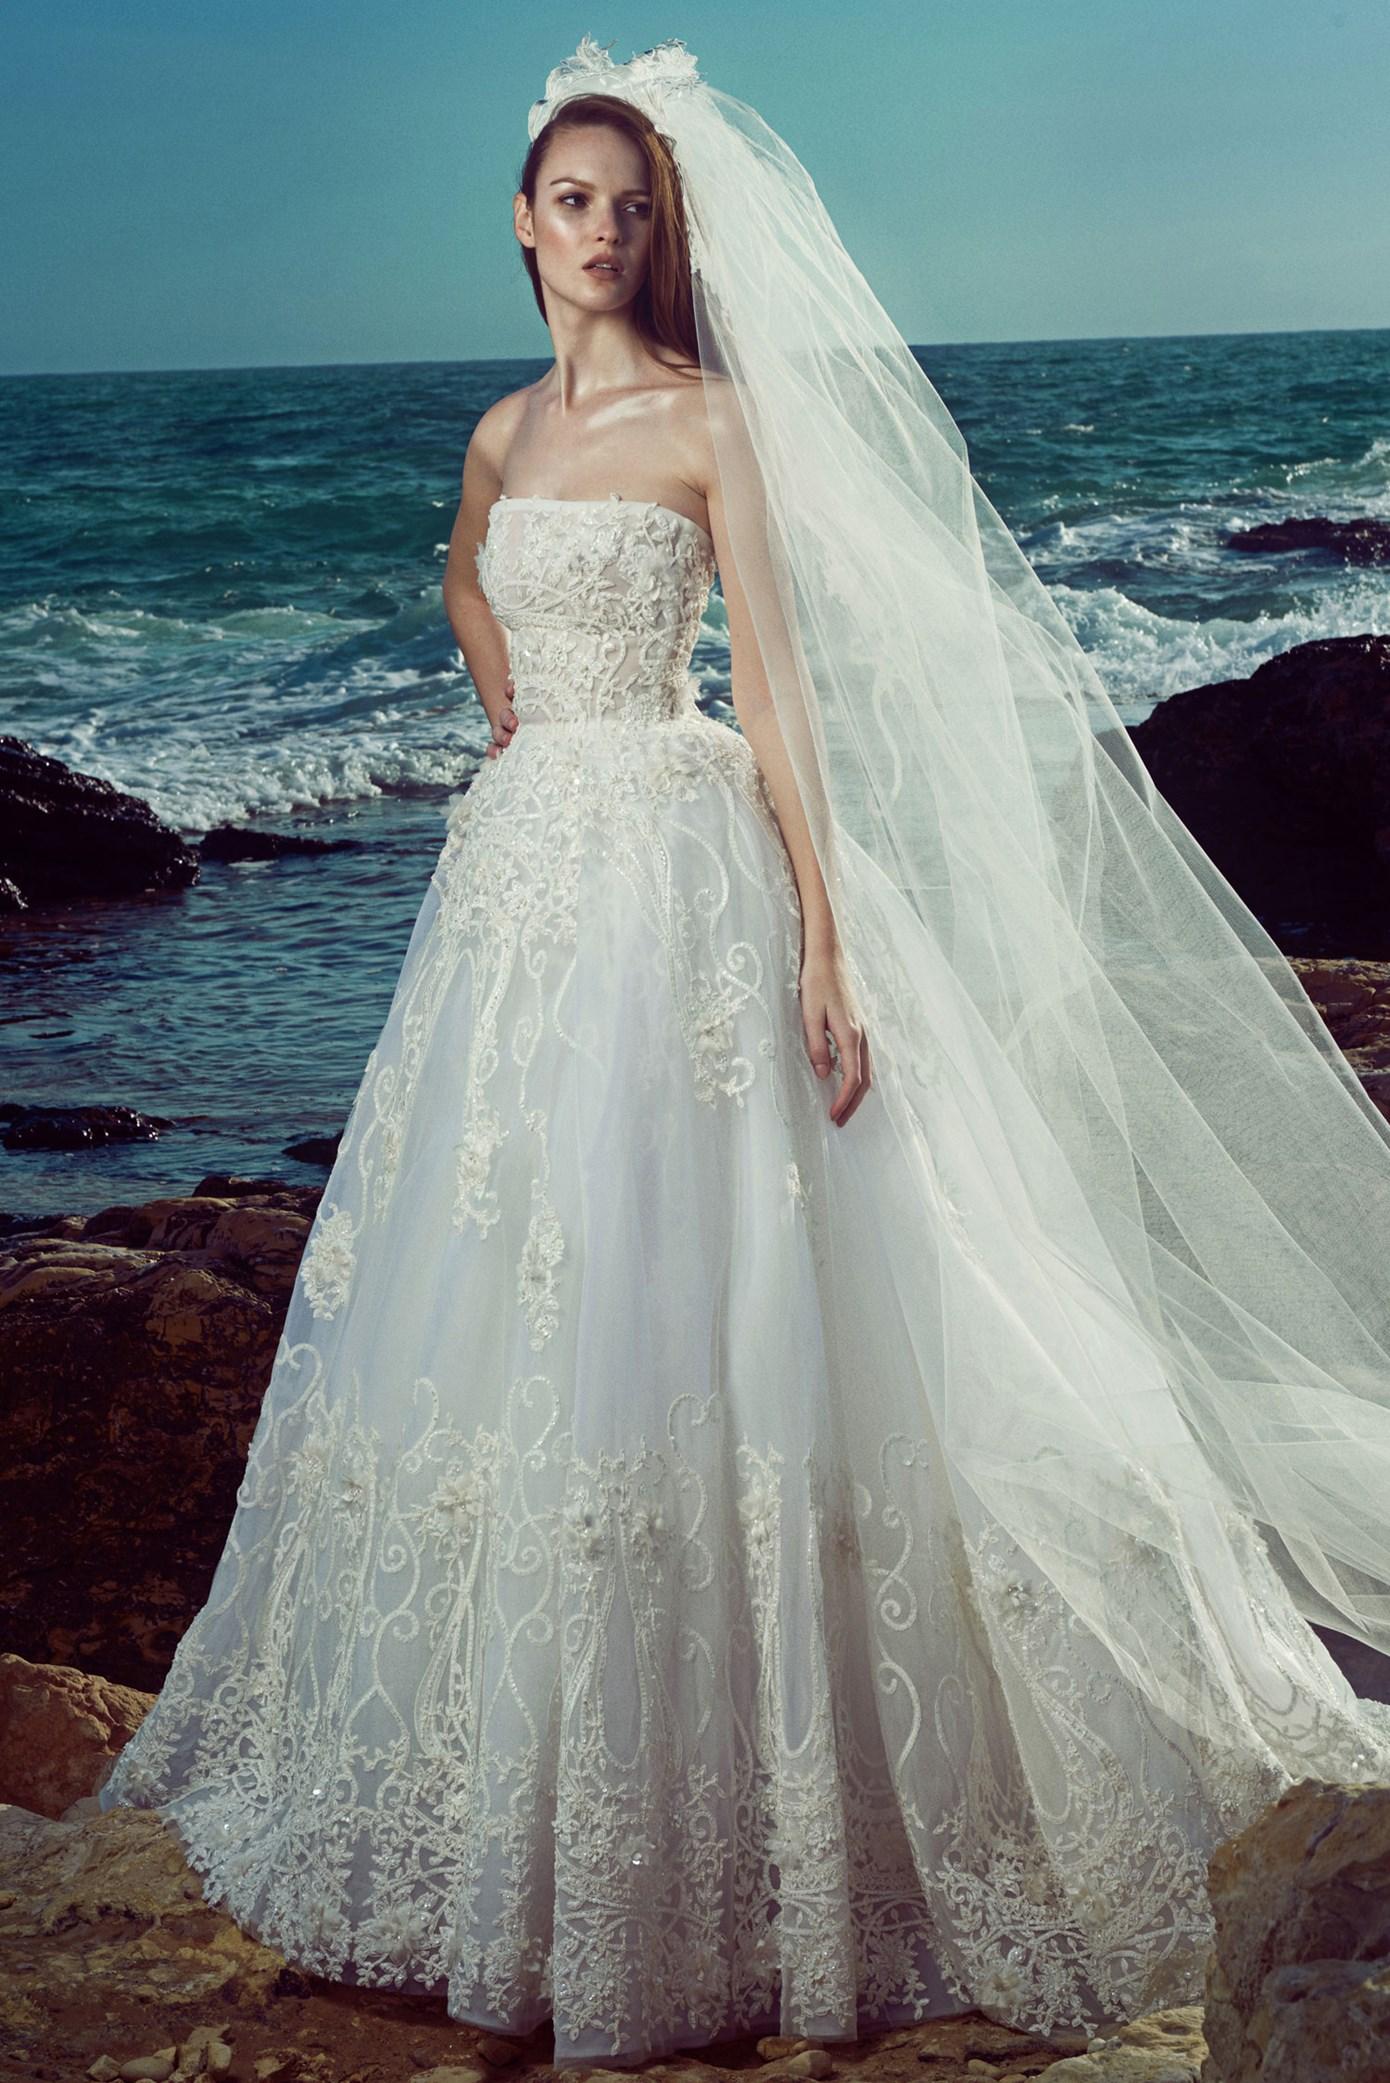 Faldas voluminosas para un vestido de alta costura